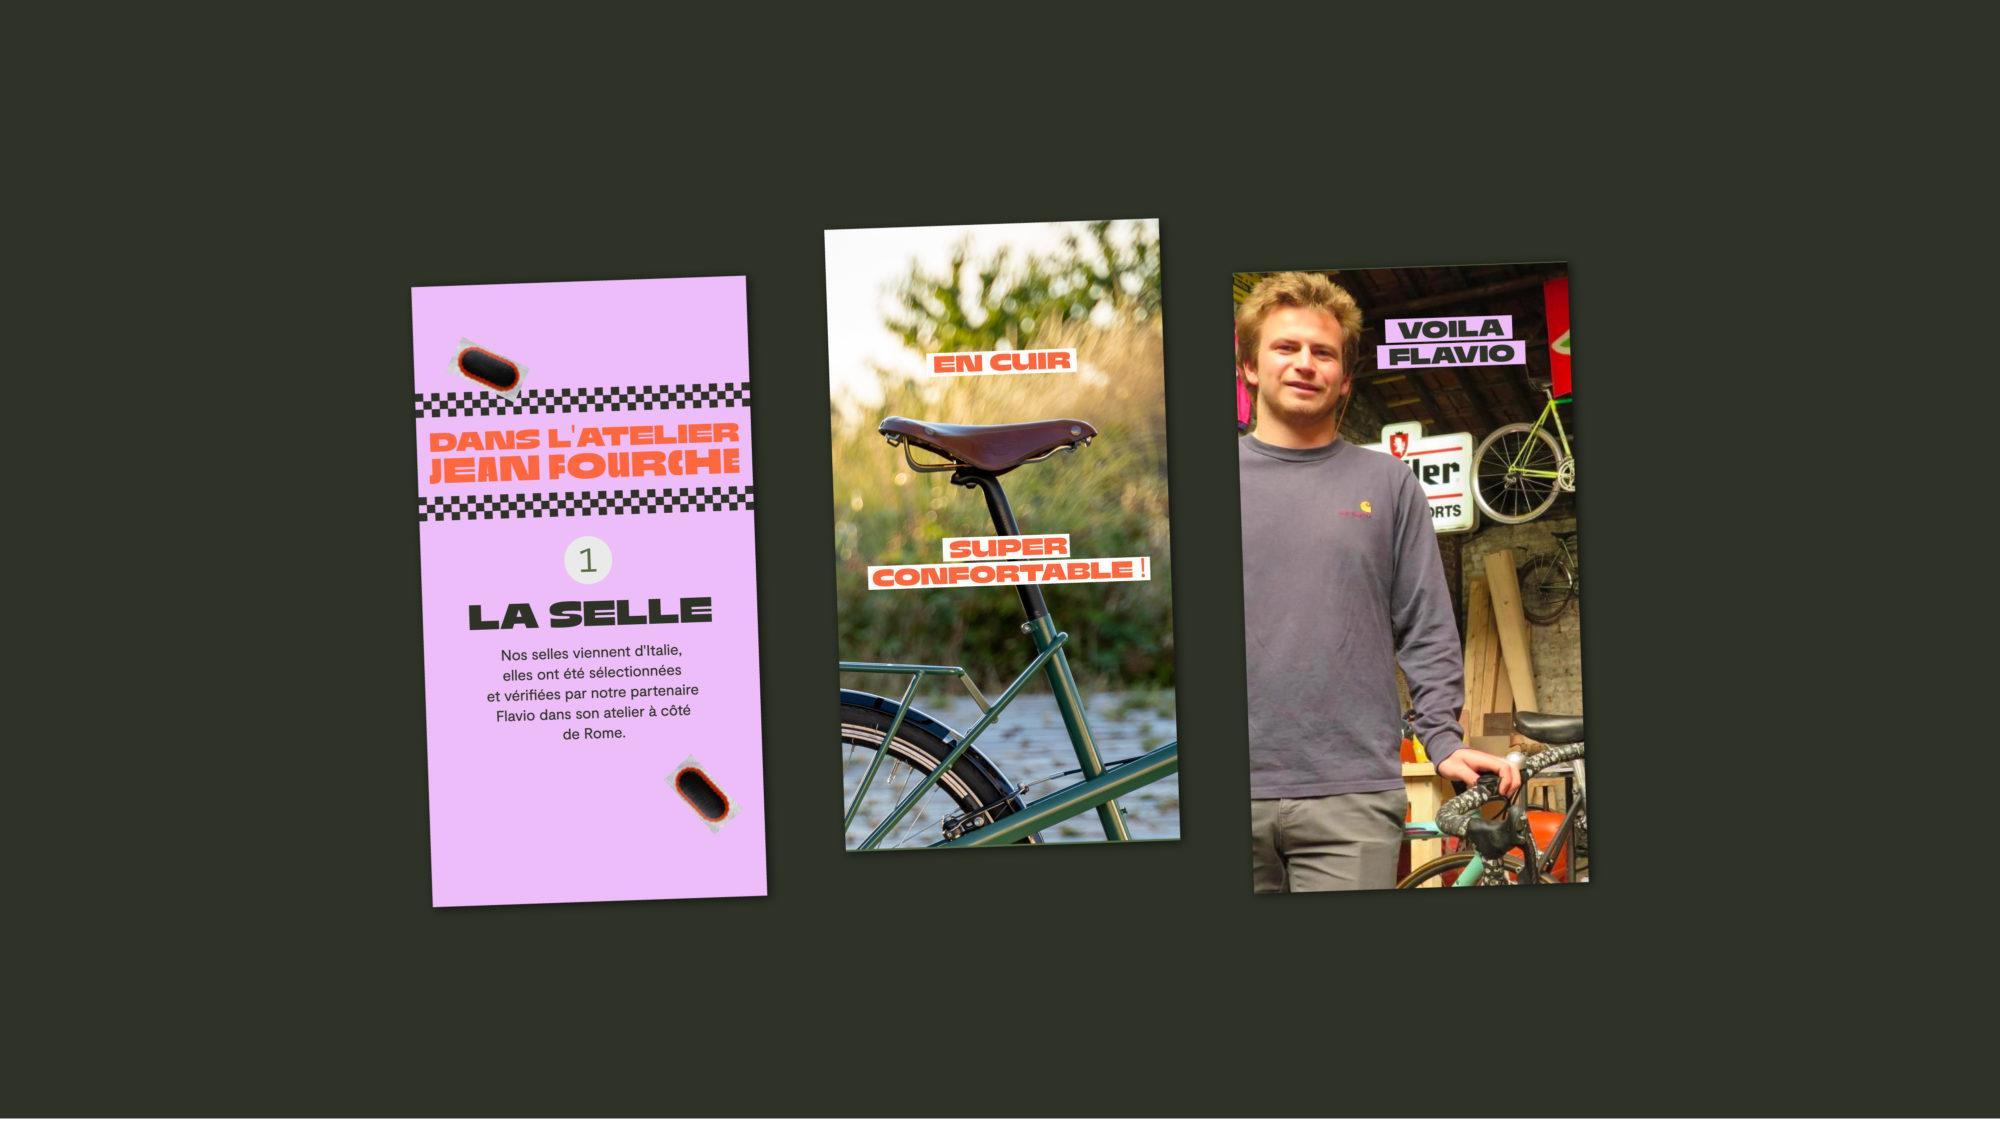 behance_jeanfourche_Plan de travail 1 copie 27